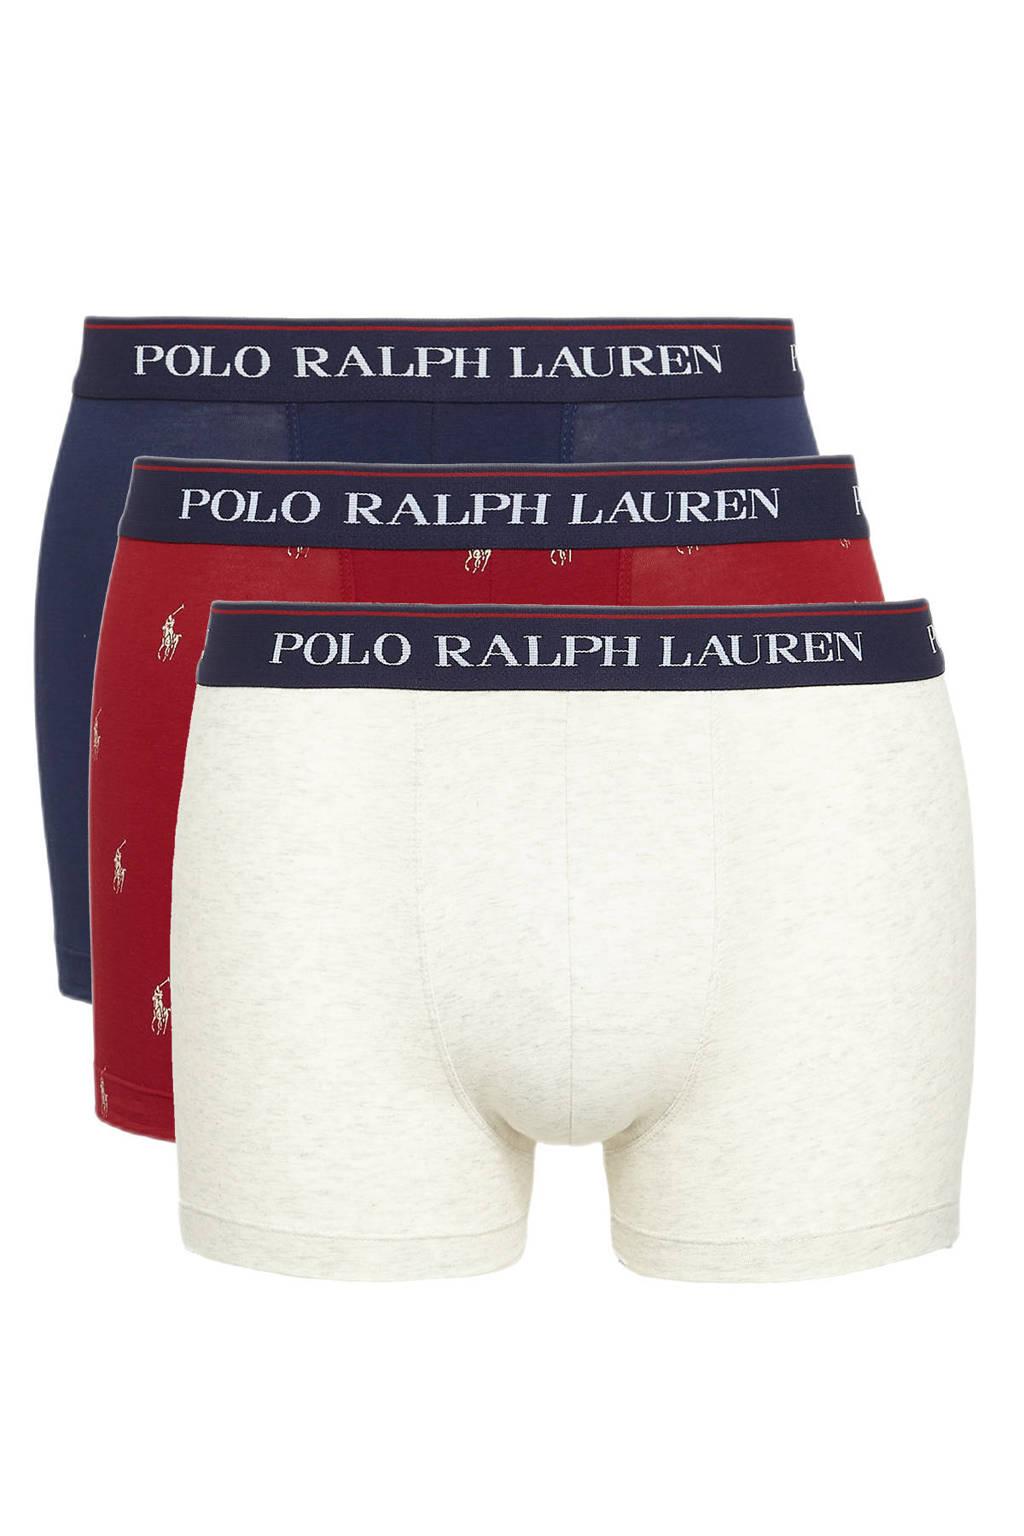 POLO Ralph Lauren boxershort (set van 3), Rood/donkerblauw/ecru